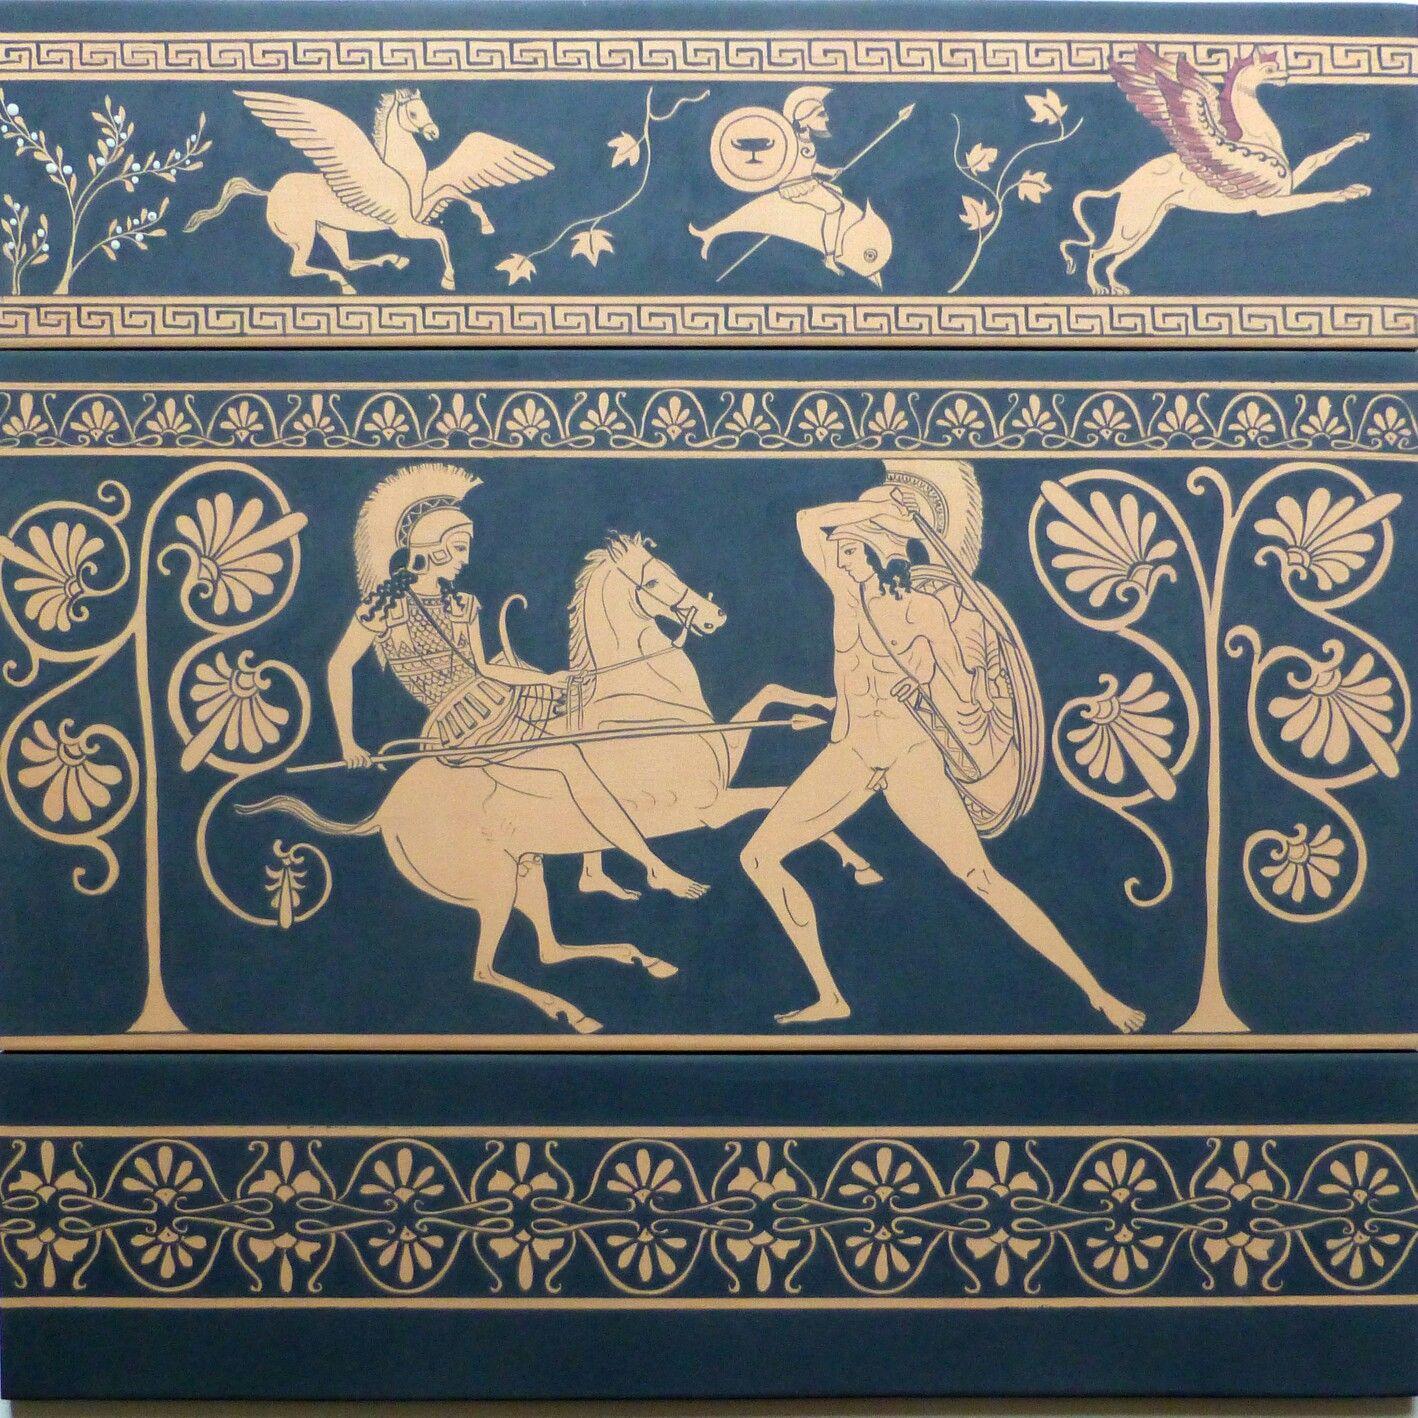 римские рисунки на вазах обувью служили